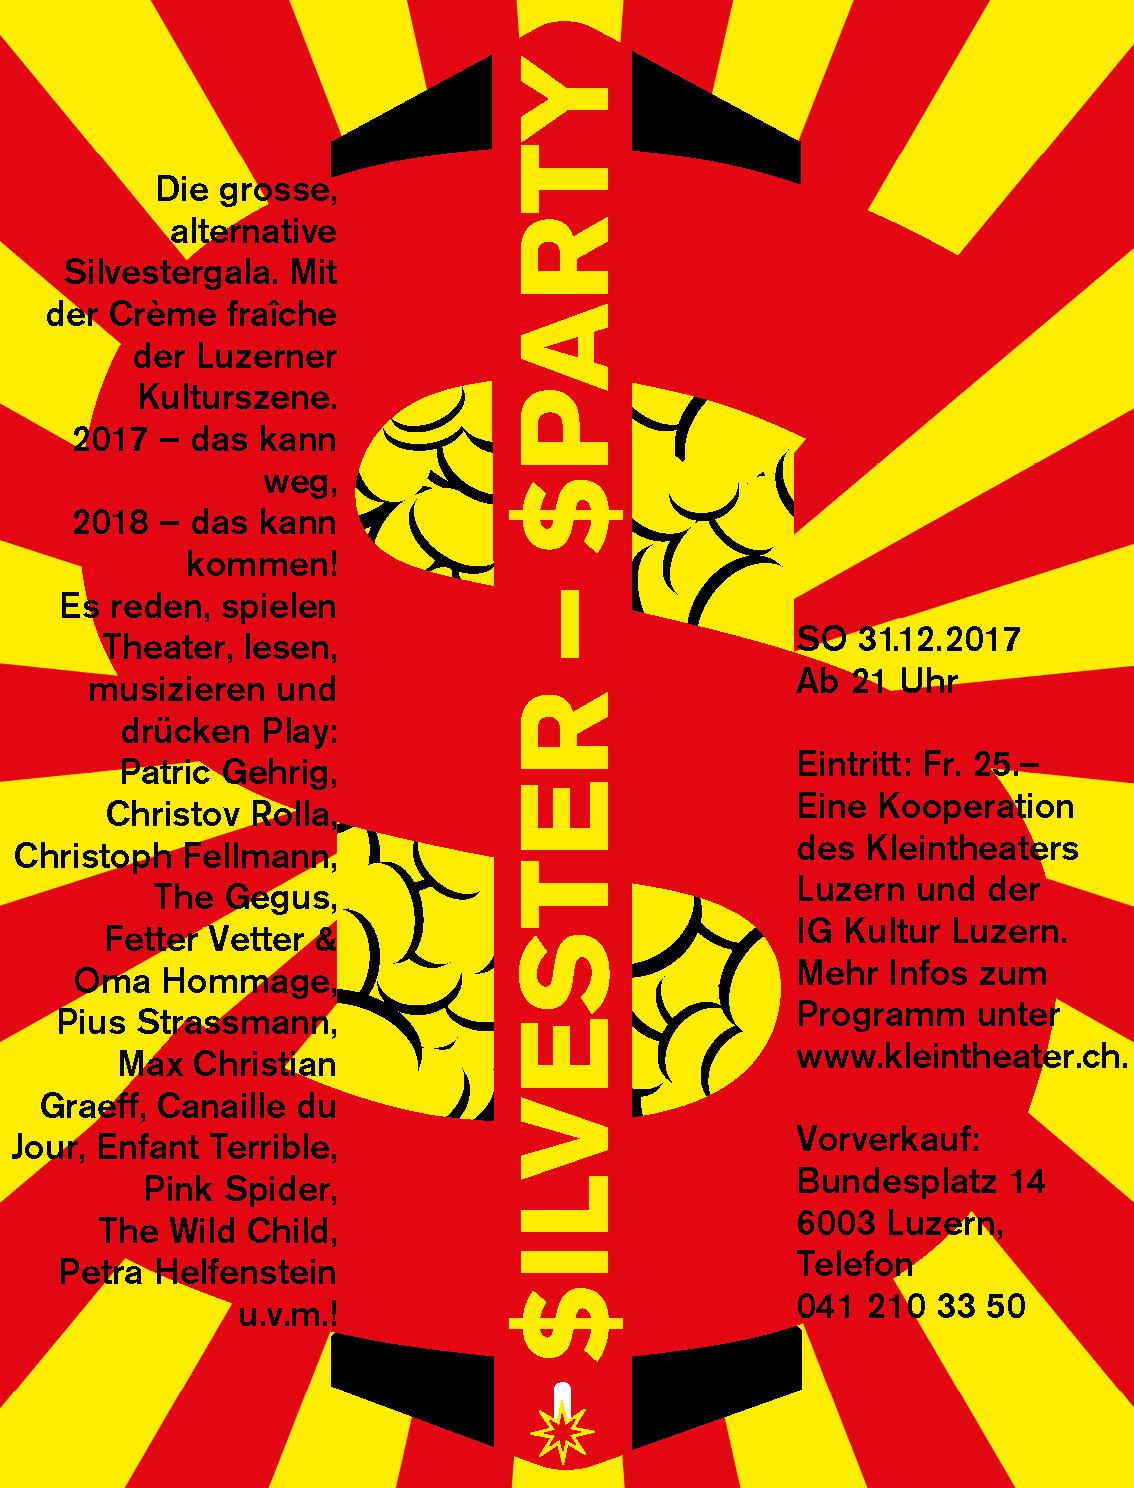 Die «Silvestersparty» – eine Kooperation des Kleintheaters Luzern mit der IG Kultur.